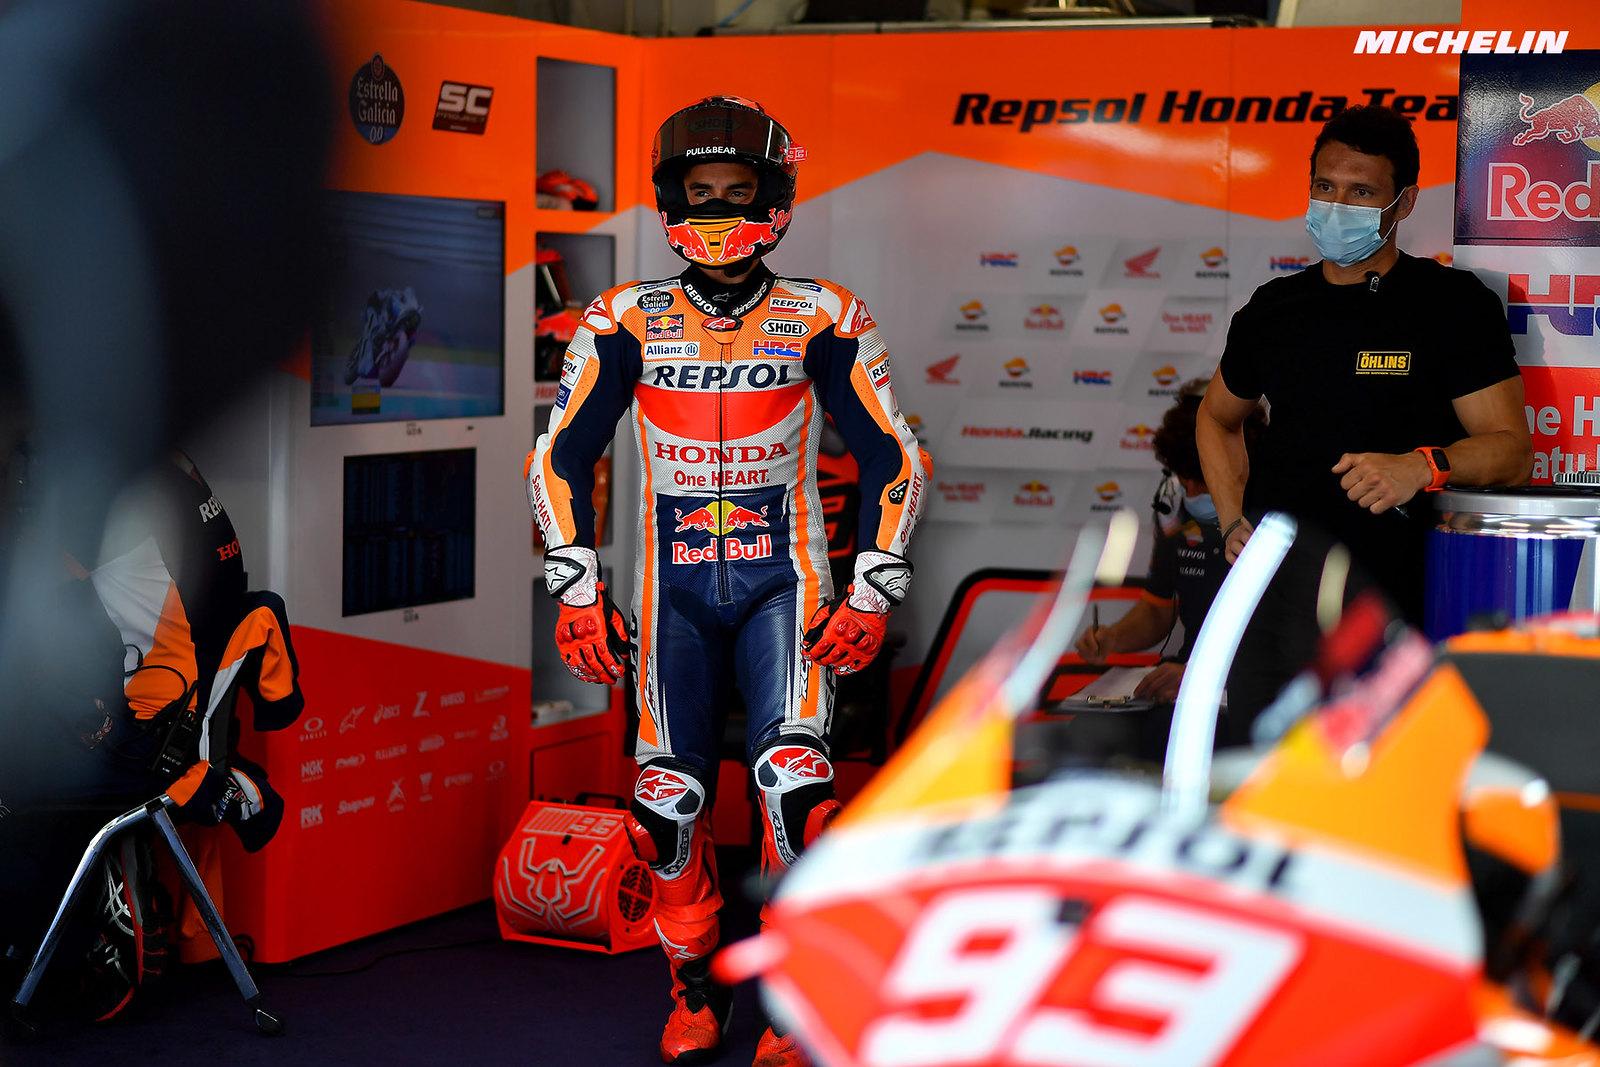 MotoGP2021 オランダGP 予選20位マルク・マルケス「レースよりも夏休みが待ち遠しい」